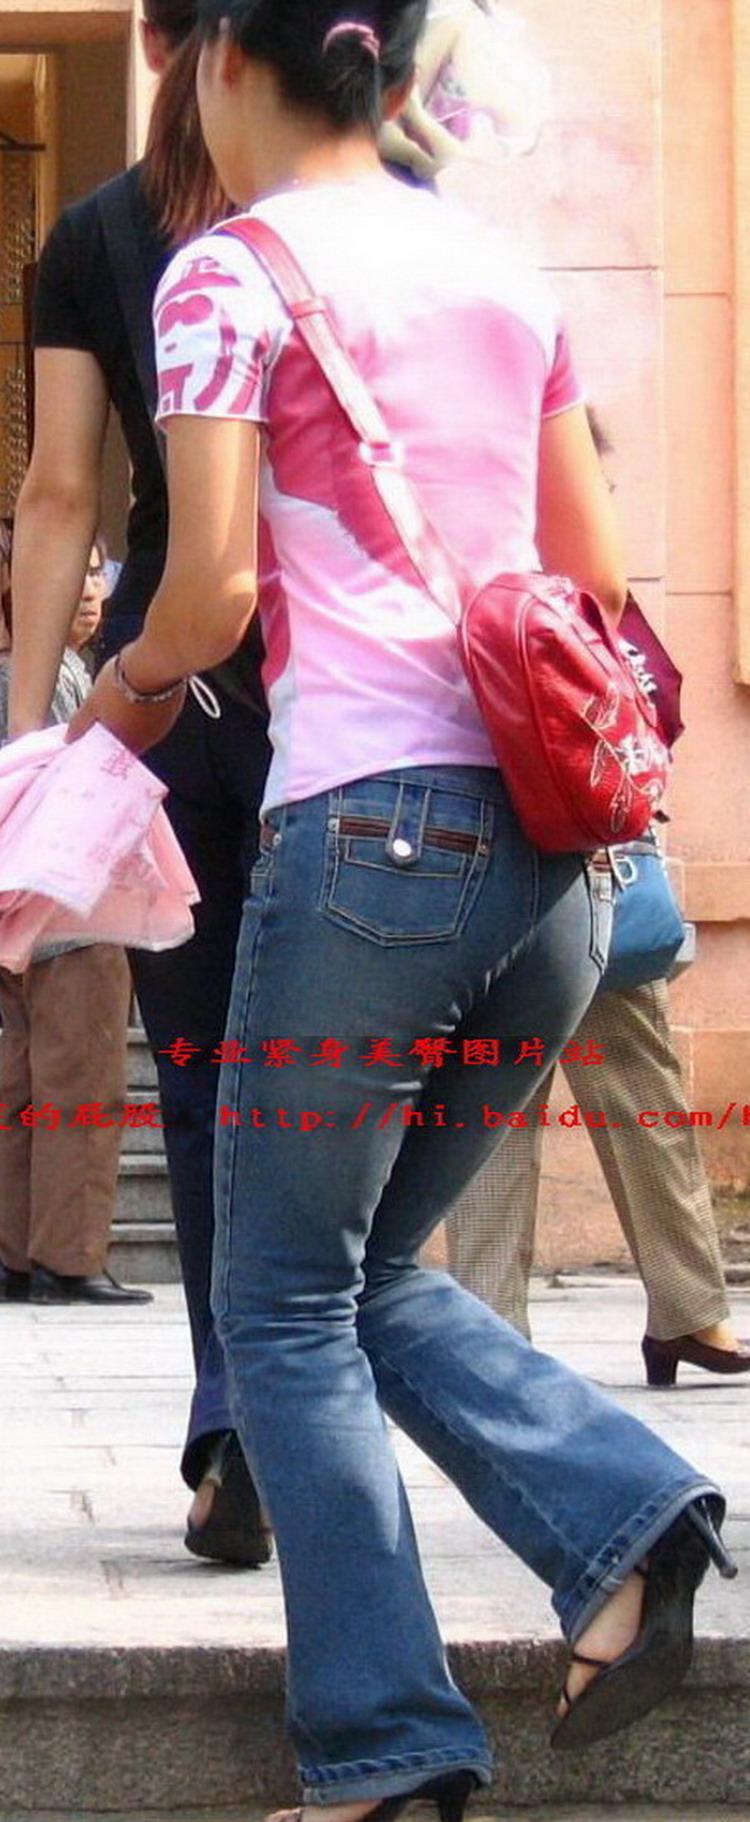 花衣服下的娇小牛仔紧身美臀 - 源源 - djun.007 的博客